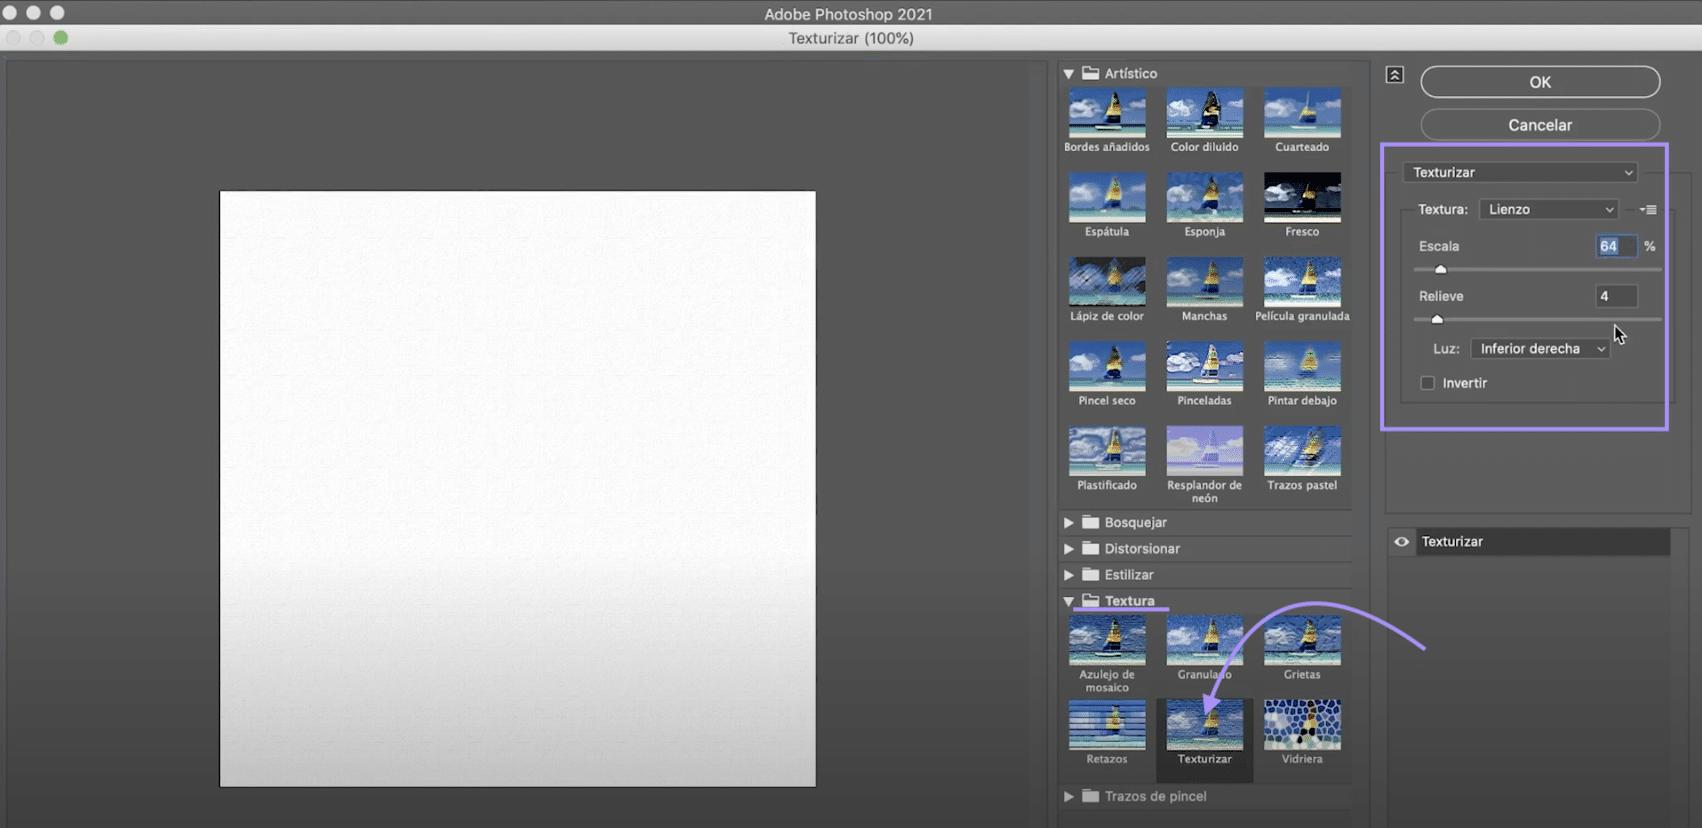 Crea un lienzo con el filtro texturizar en Photoshop